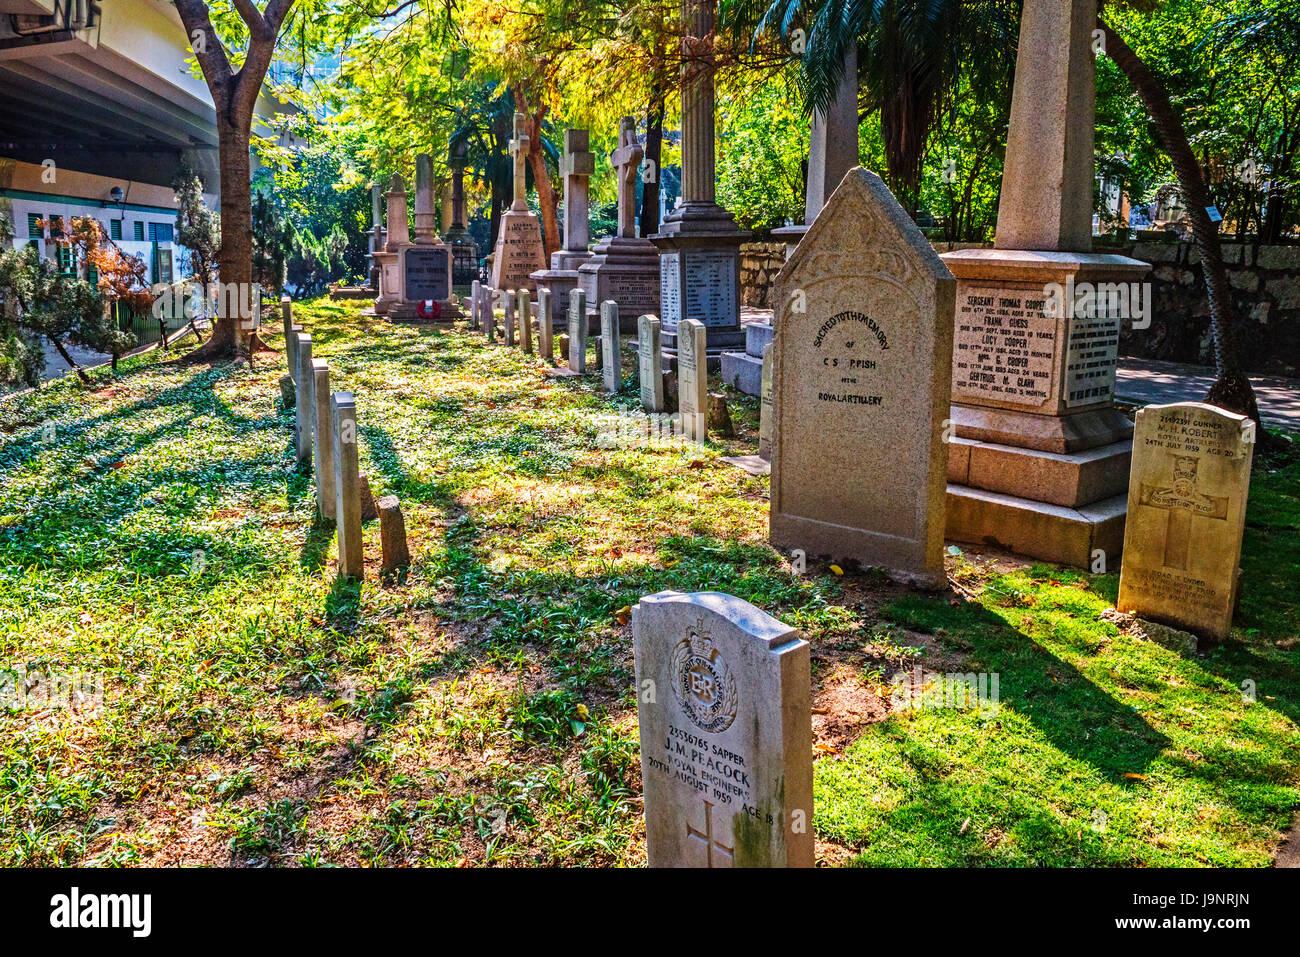 British Army Graves and Memorials, Hong Kong Cemetery, Happy Valley, Hong Kong - Stock Image